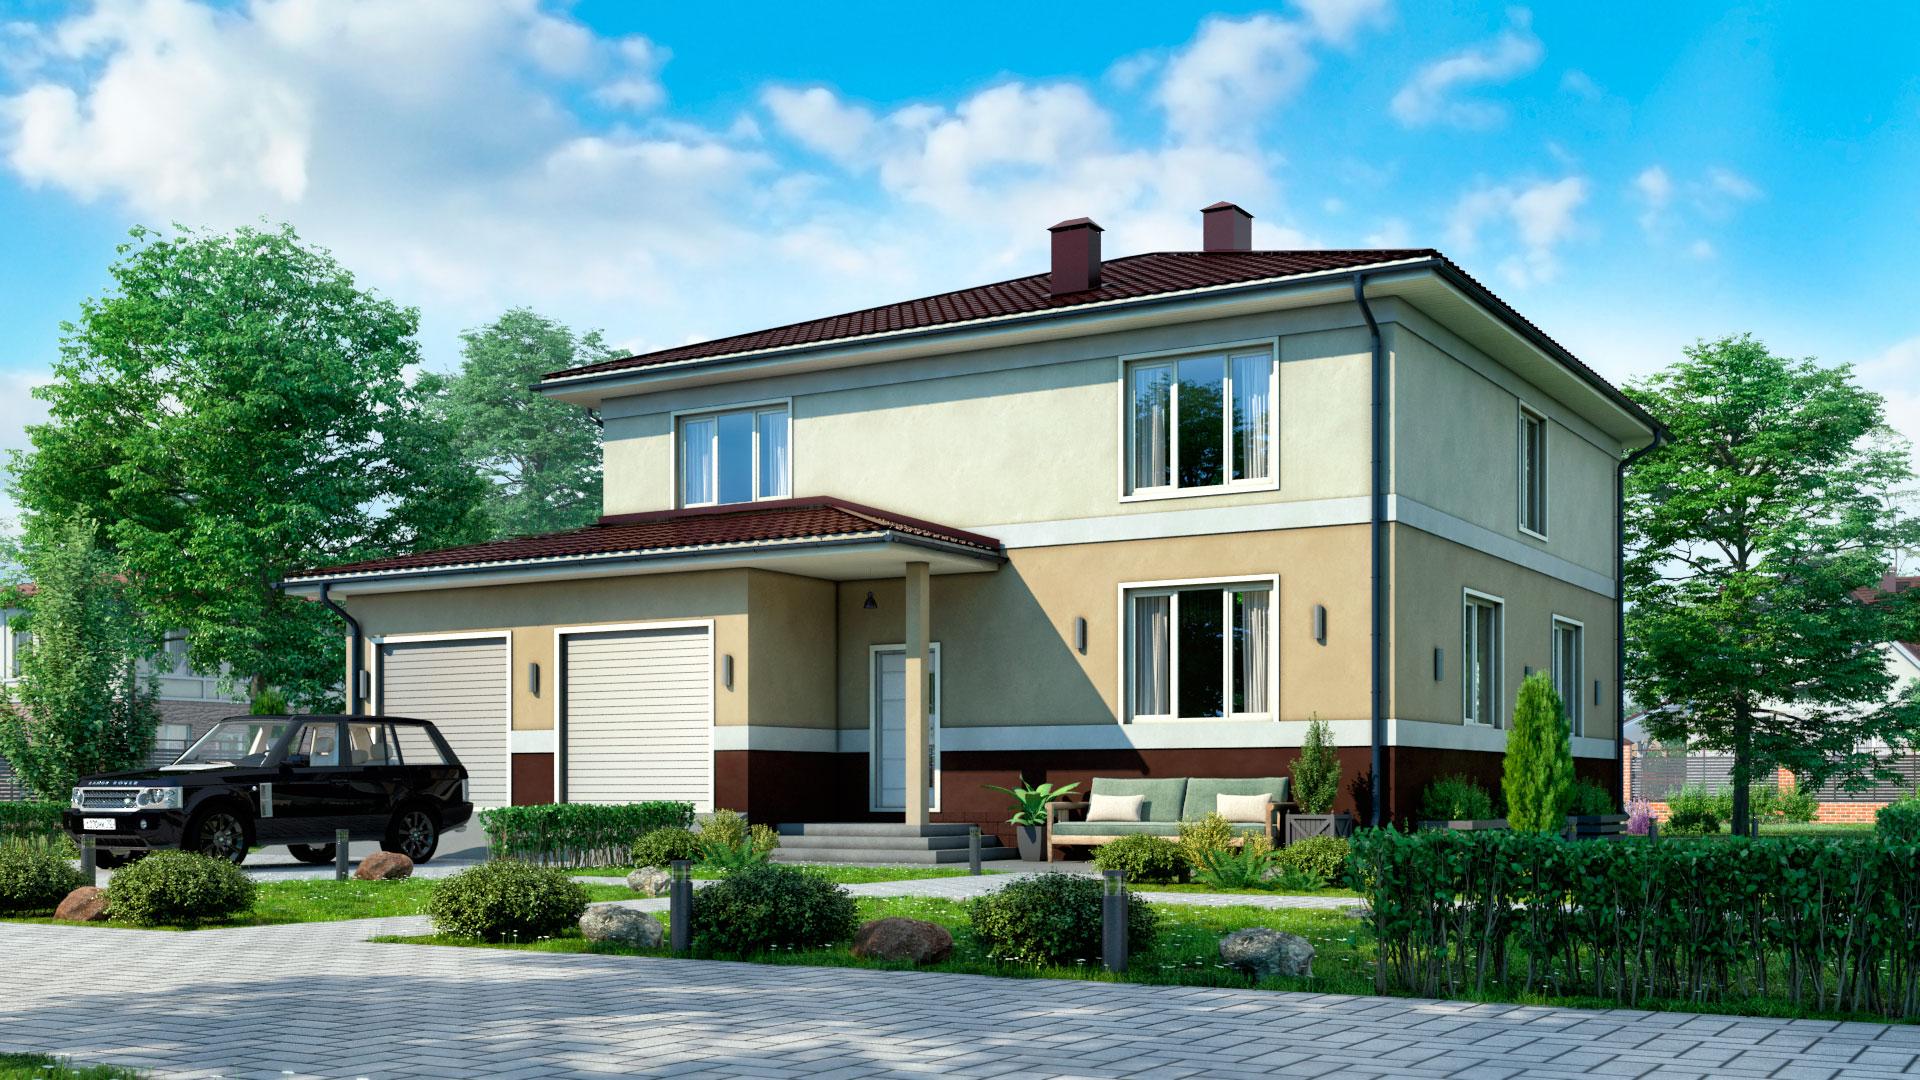 Передний фасад двухэтажного дома с 3 спальнями и гаражом, 264 м2. Проект БП-271.